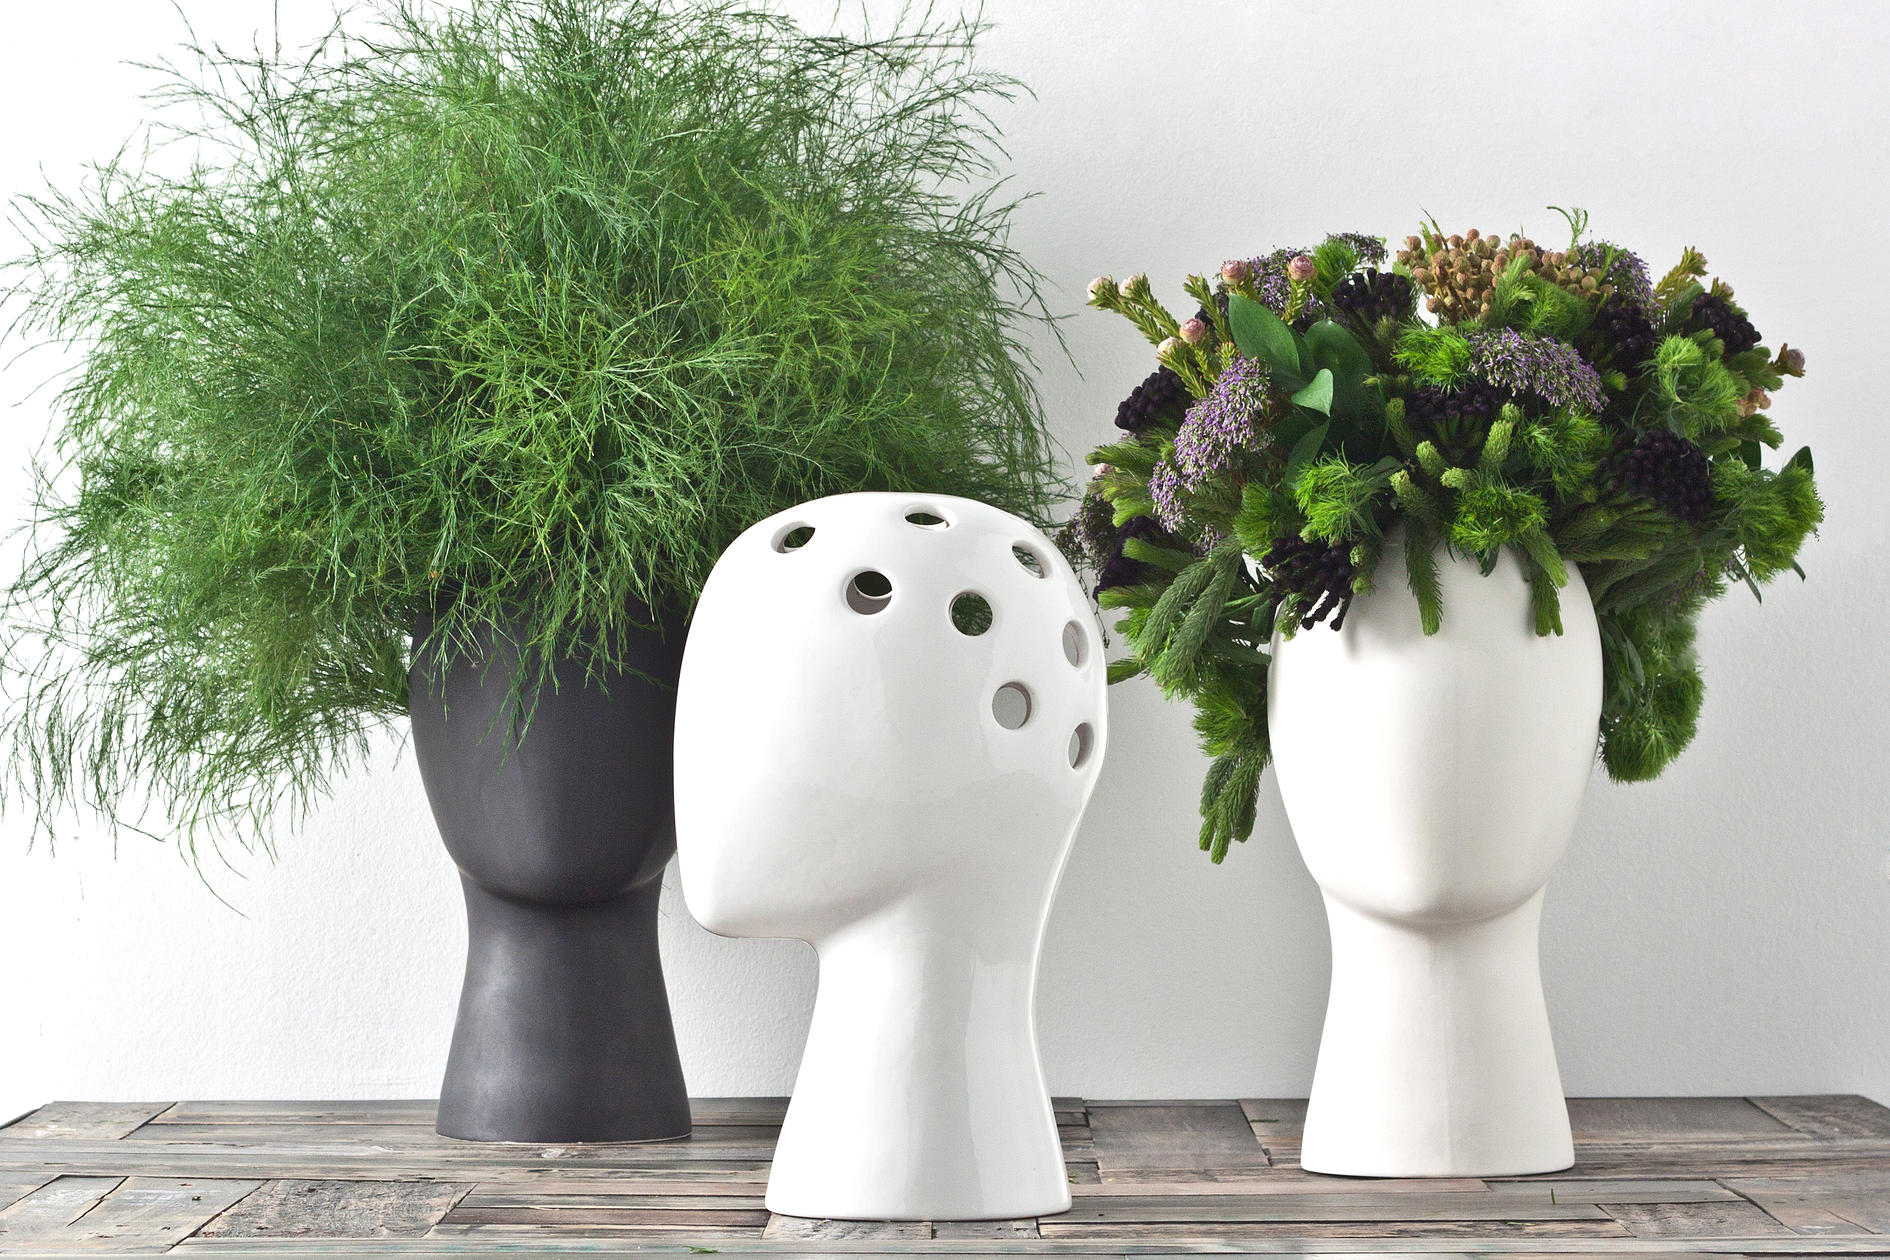 10 Pot Bunga Unik yang Bisa Buat Rumah Makin Ceria! 31a2c0cd65